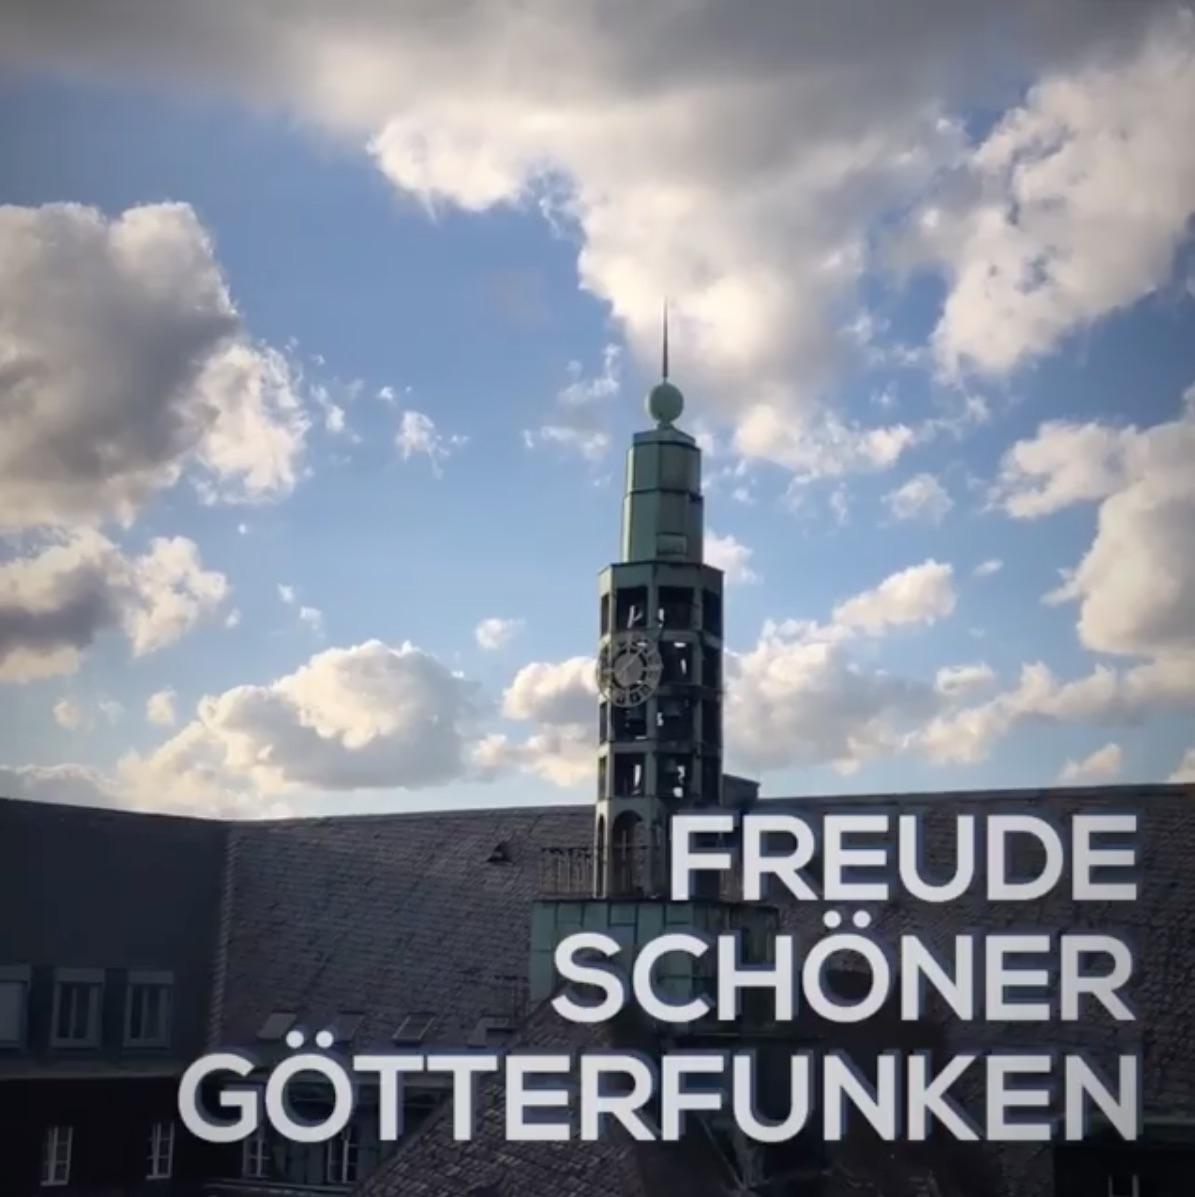 """Glockenspiel am Rathaus Bochum spielt """"Freude schöner Götterfunken"""" zum internationalen Friedenstag"""